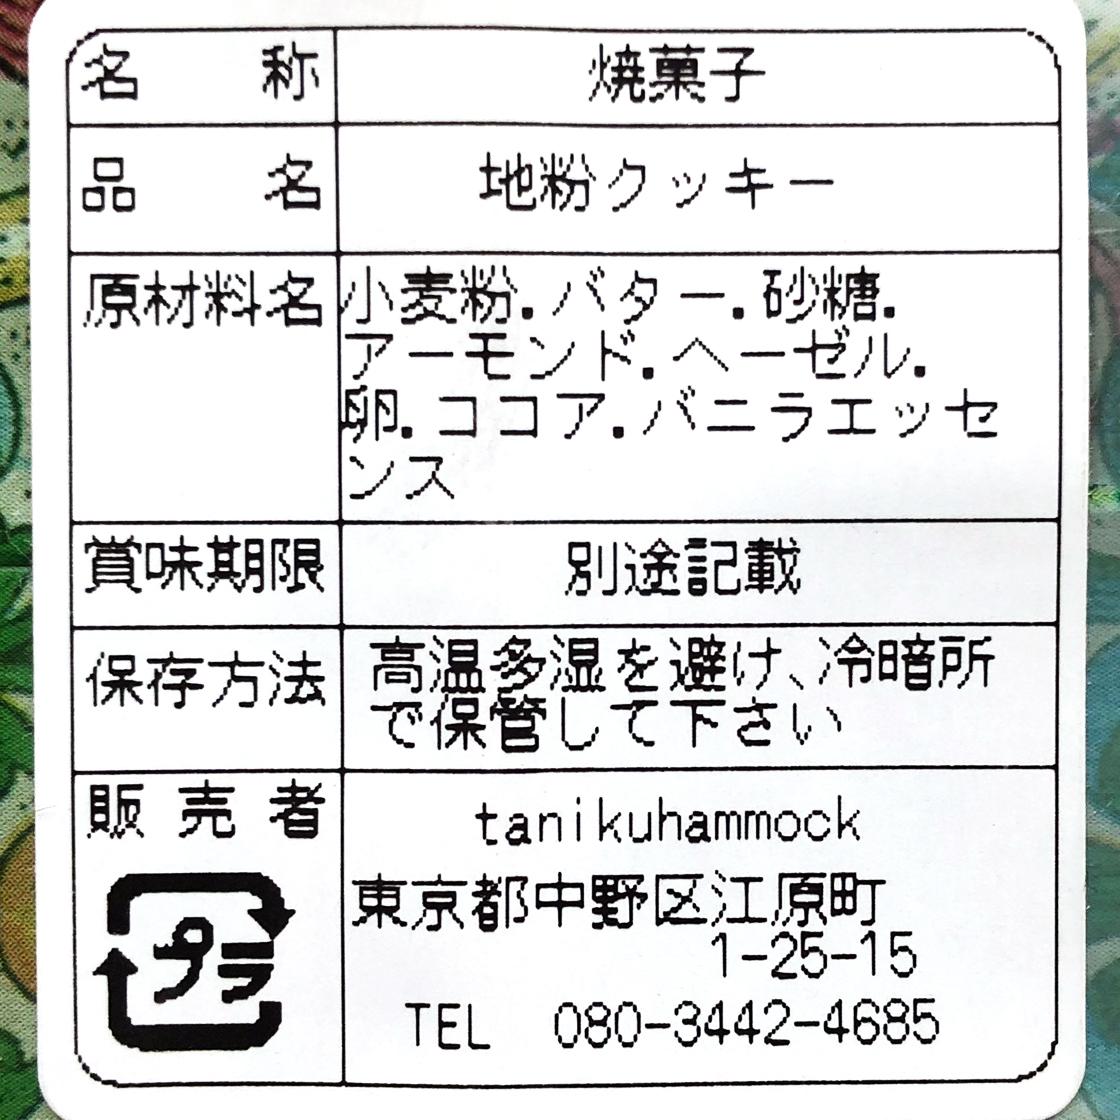 お花のクッキー 8個&スワッグ/ピンク セット[タニクハンモック] 13